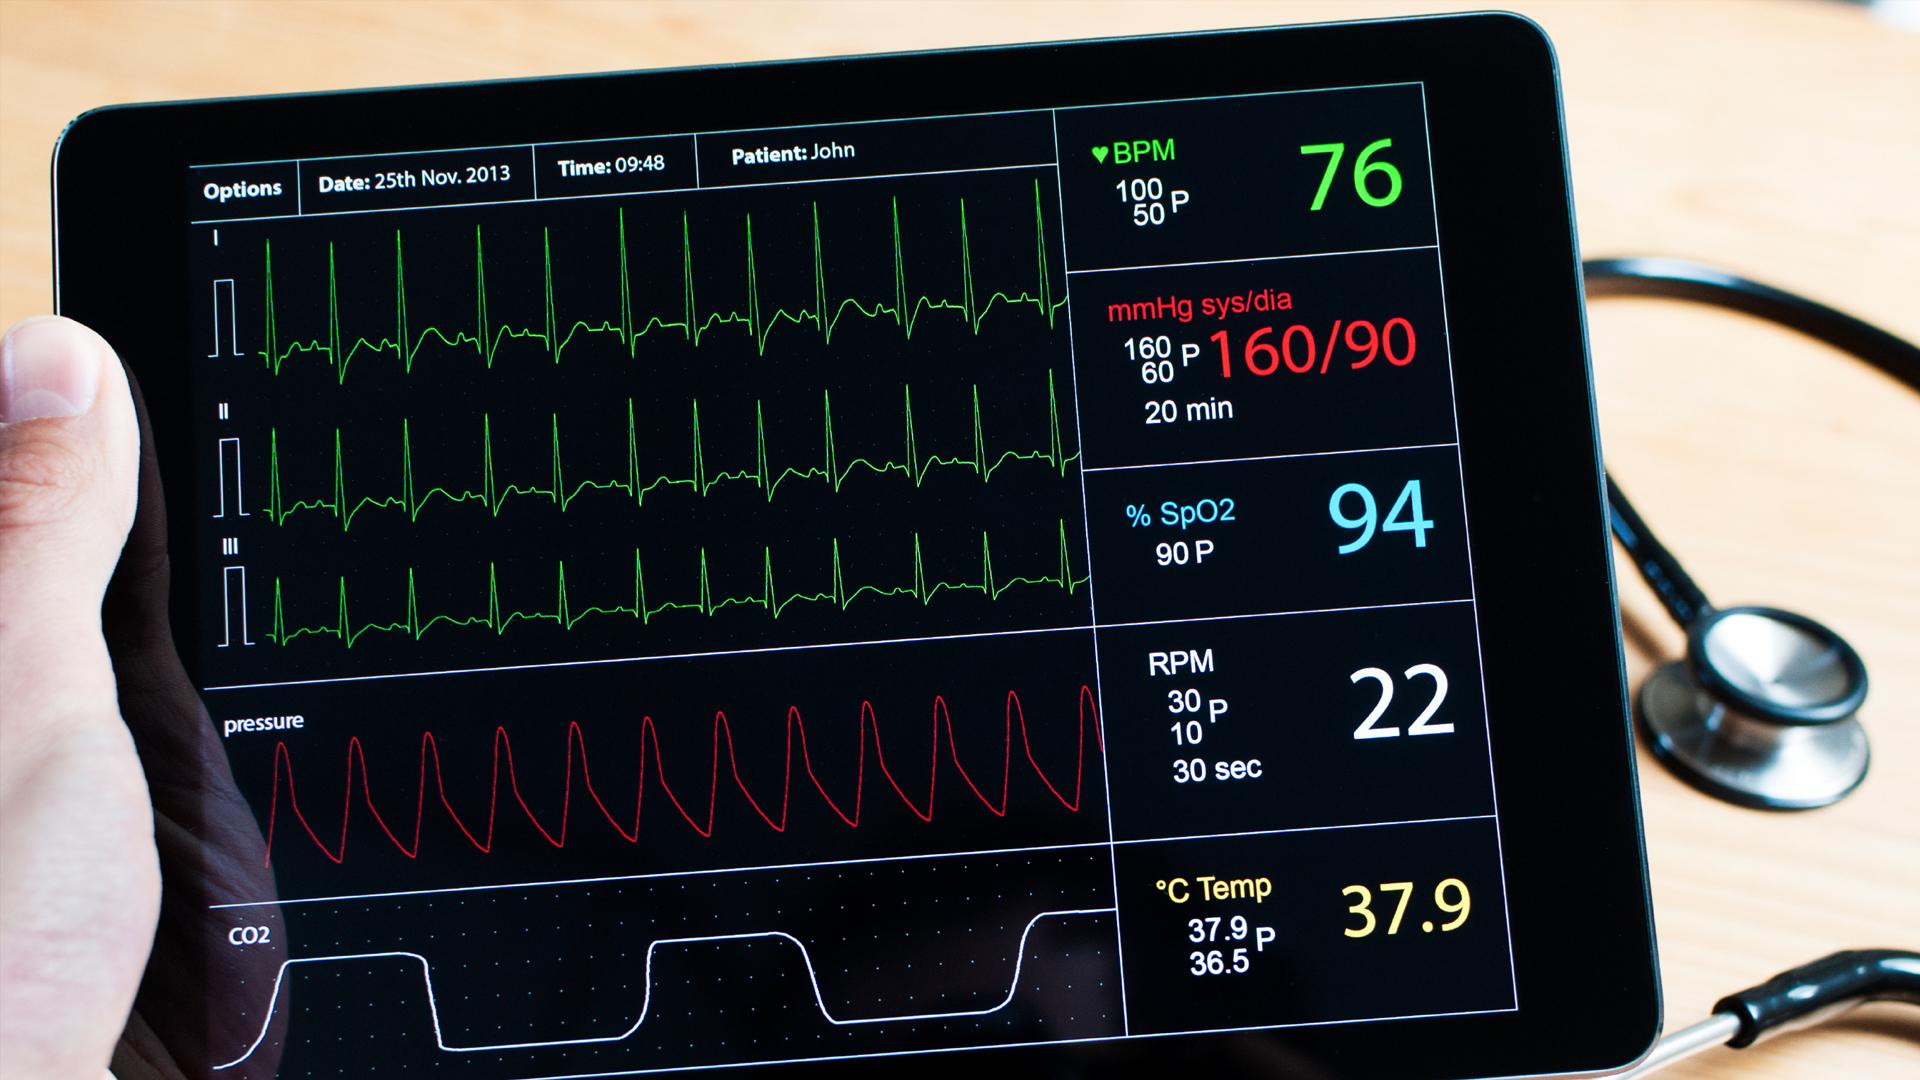 Puntaje de presión arterial normal